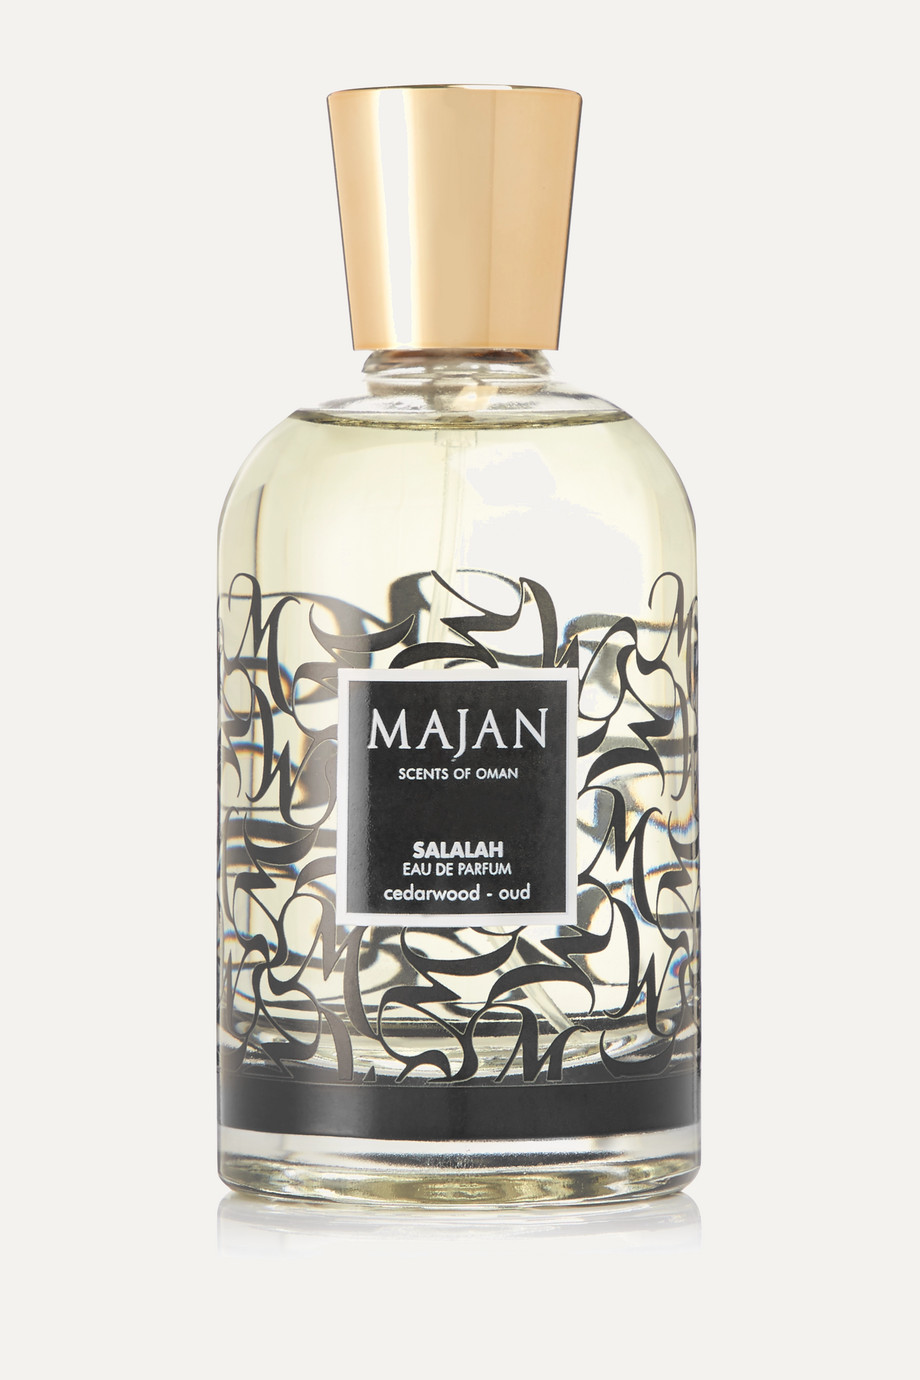 MAJAN Salalah, 100 ml – Eau de Parfum